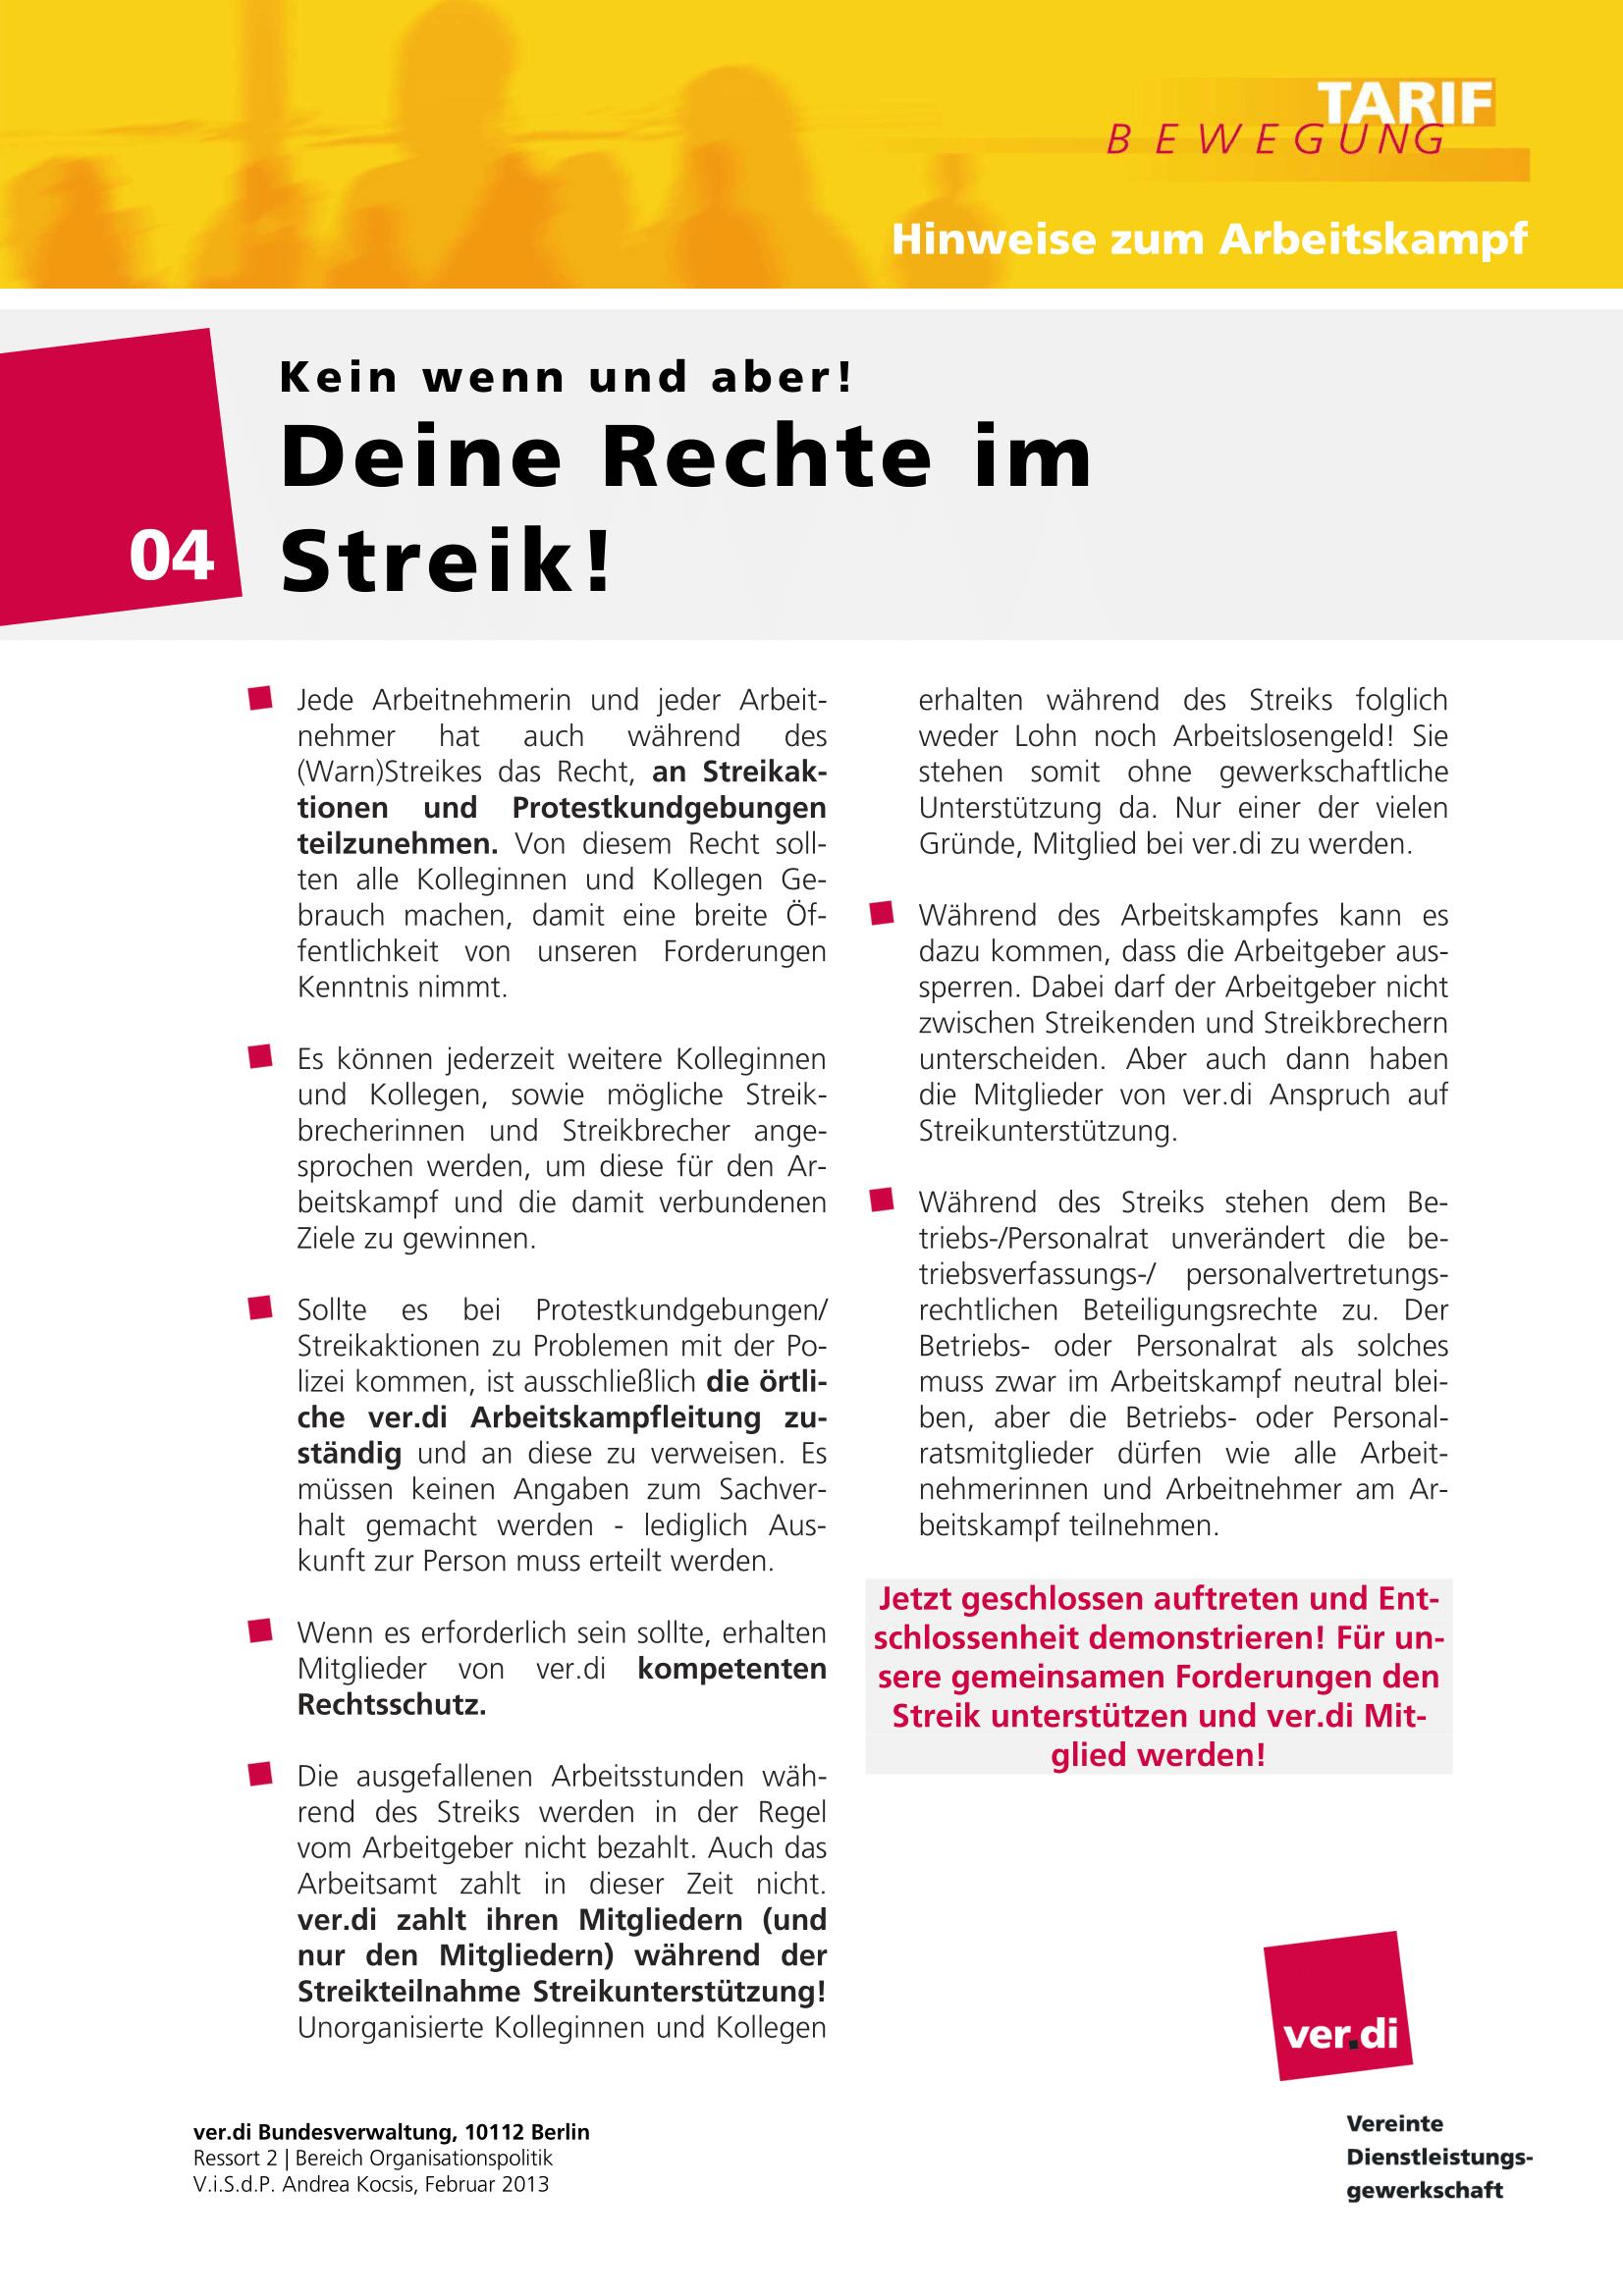 04-Deine-Rechte-im-Streik-1-2